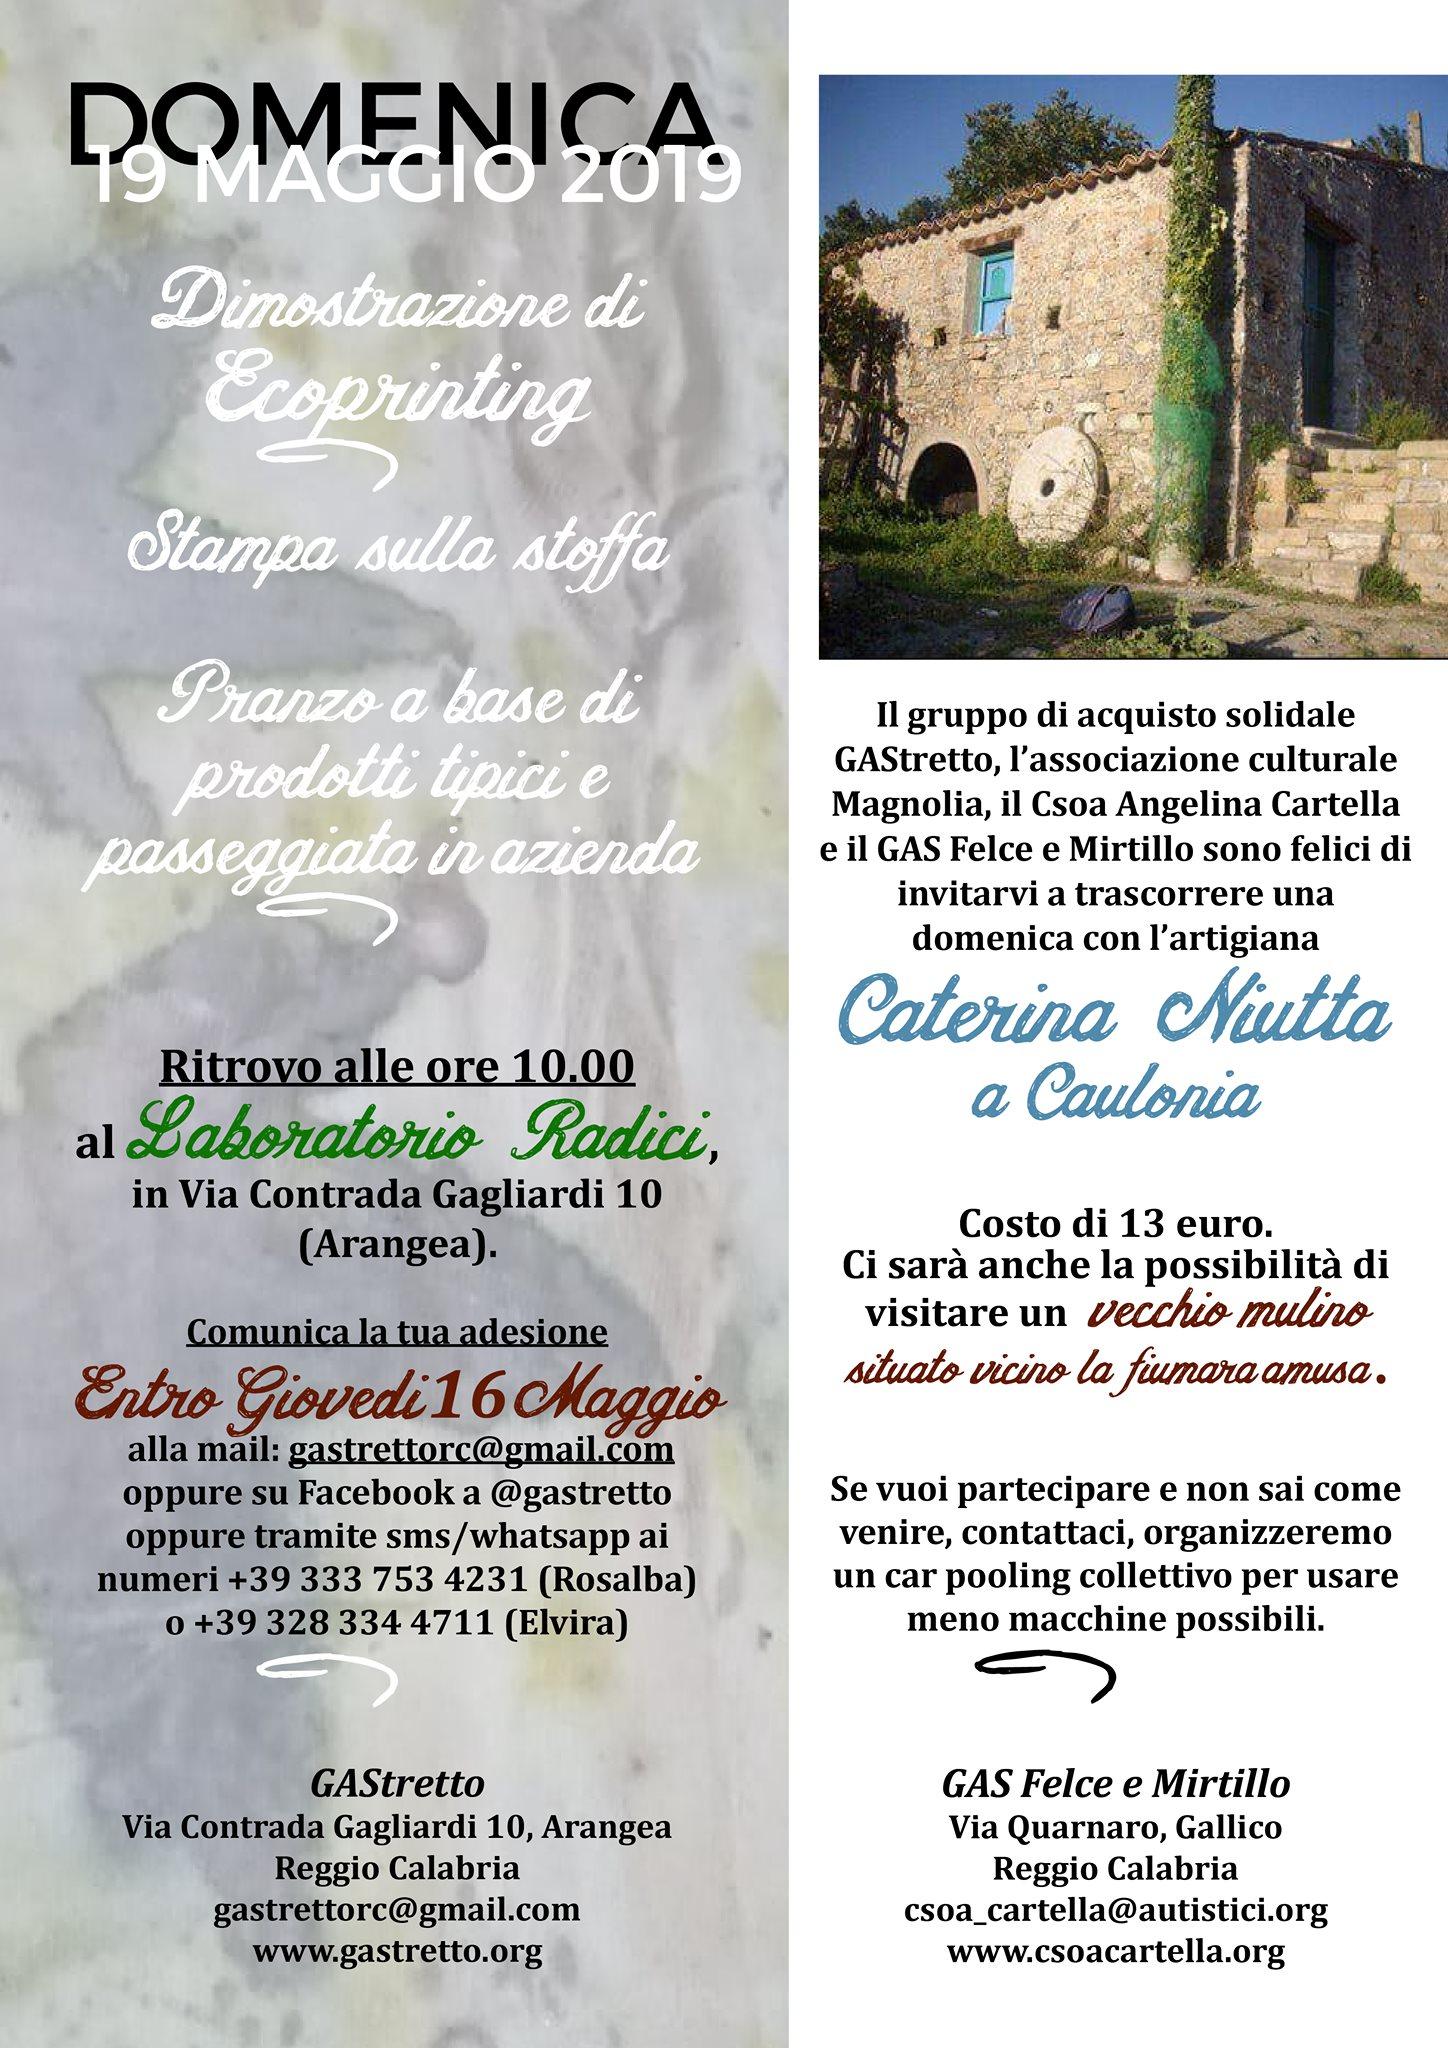 Visita all'azienda artigianale di Caterina Niutta a Caulonia